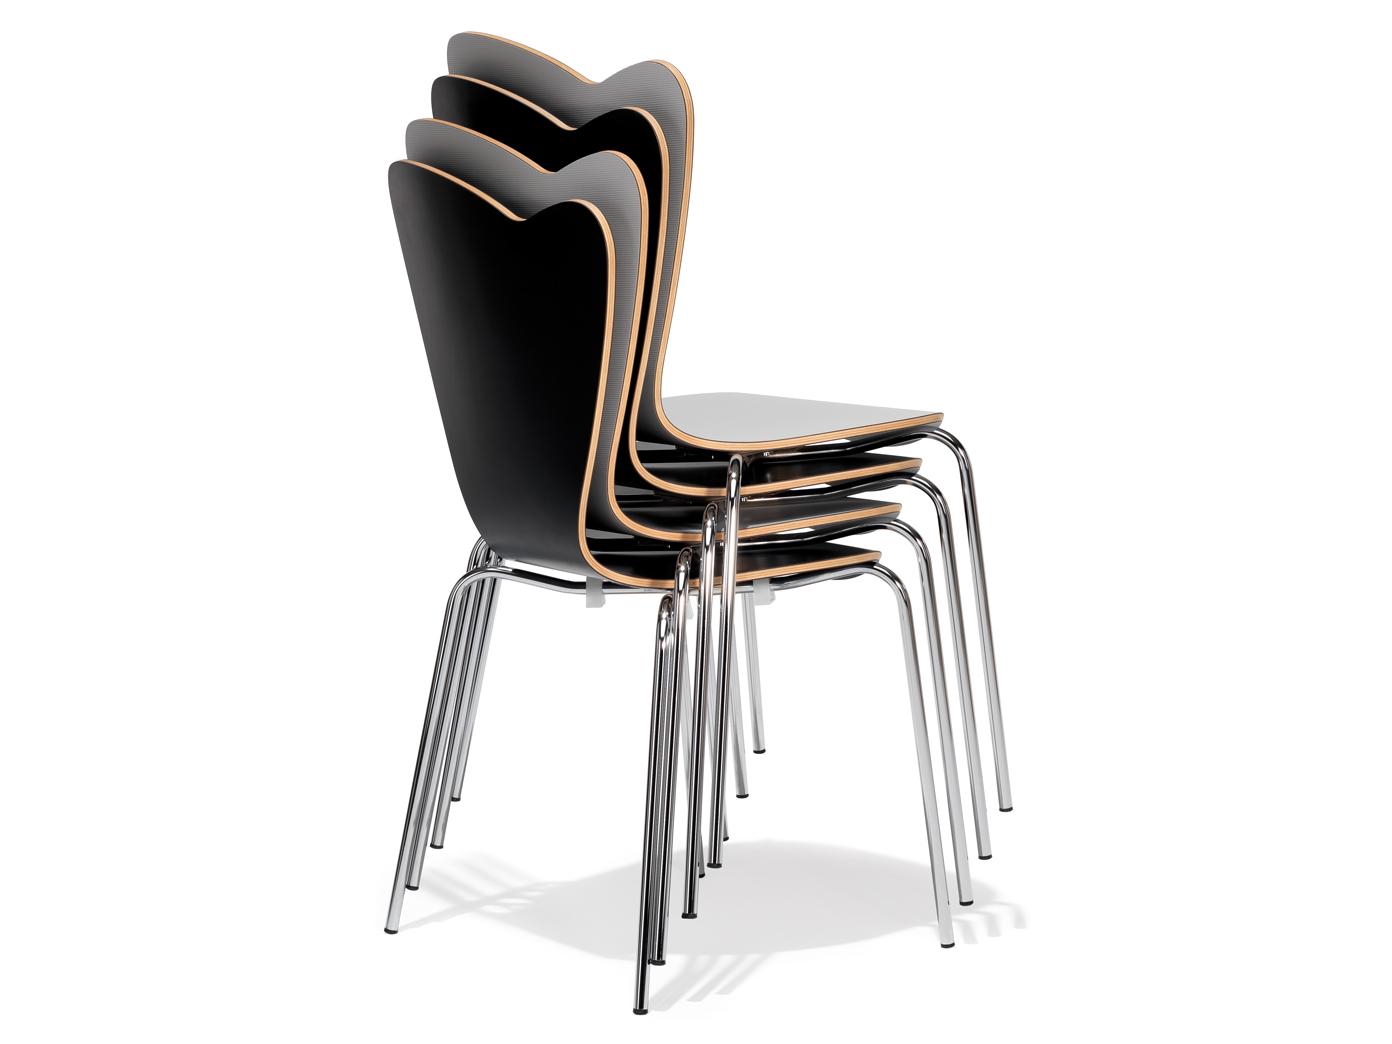 4er design stuhl heart rot stapelstuhl esszimmerstuhl for Design stuhl rot